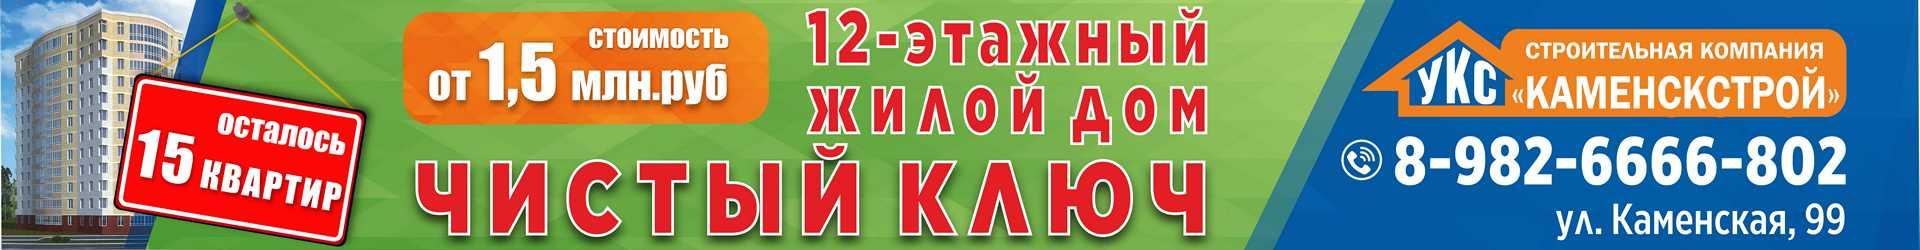 УКС Каменскстрой